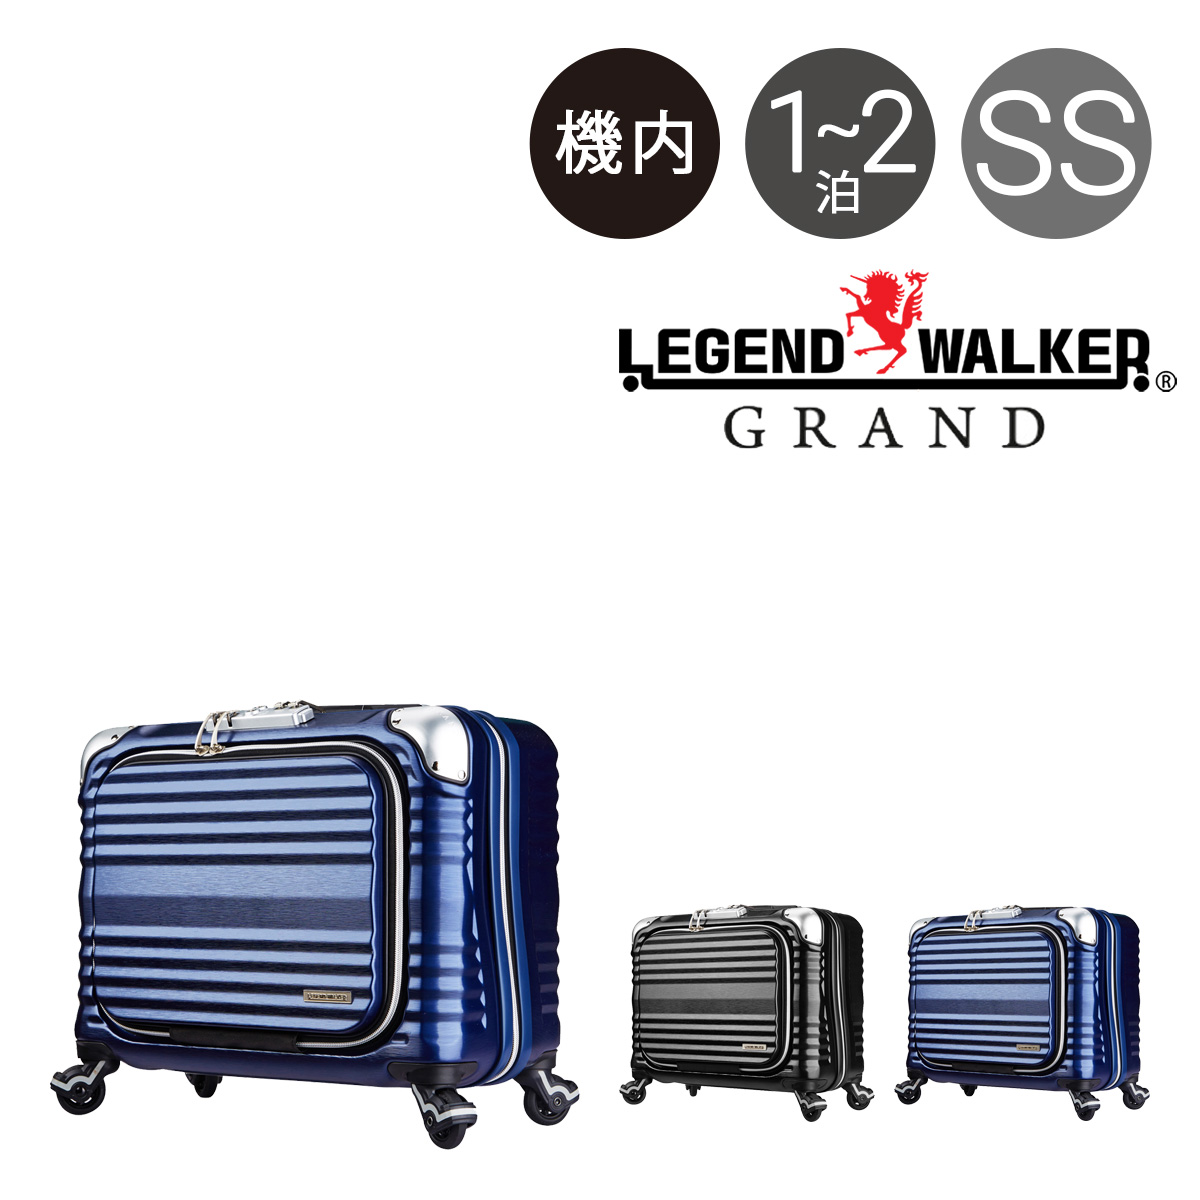 レジェンドウォーカー スーツケース 4輪 横型 グラン|機内持ち込み 34L 34cm 3.1kg 6606-44|軽量 フロントオープン 3年保証 ハード ファスナー 静音 TSAロック搭載 HINOMOTO [PO10][bef]